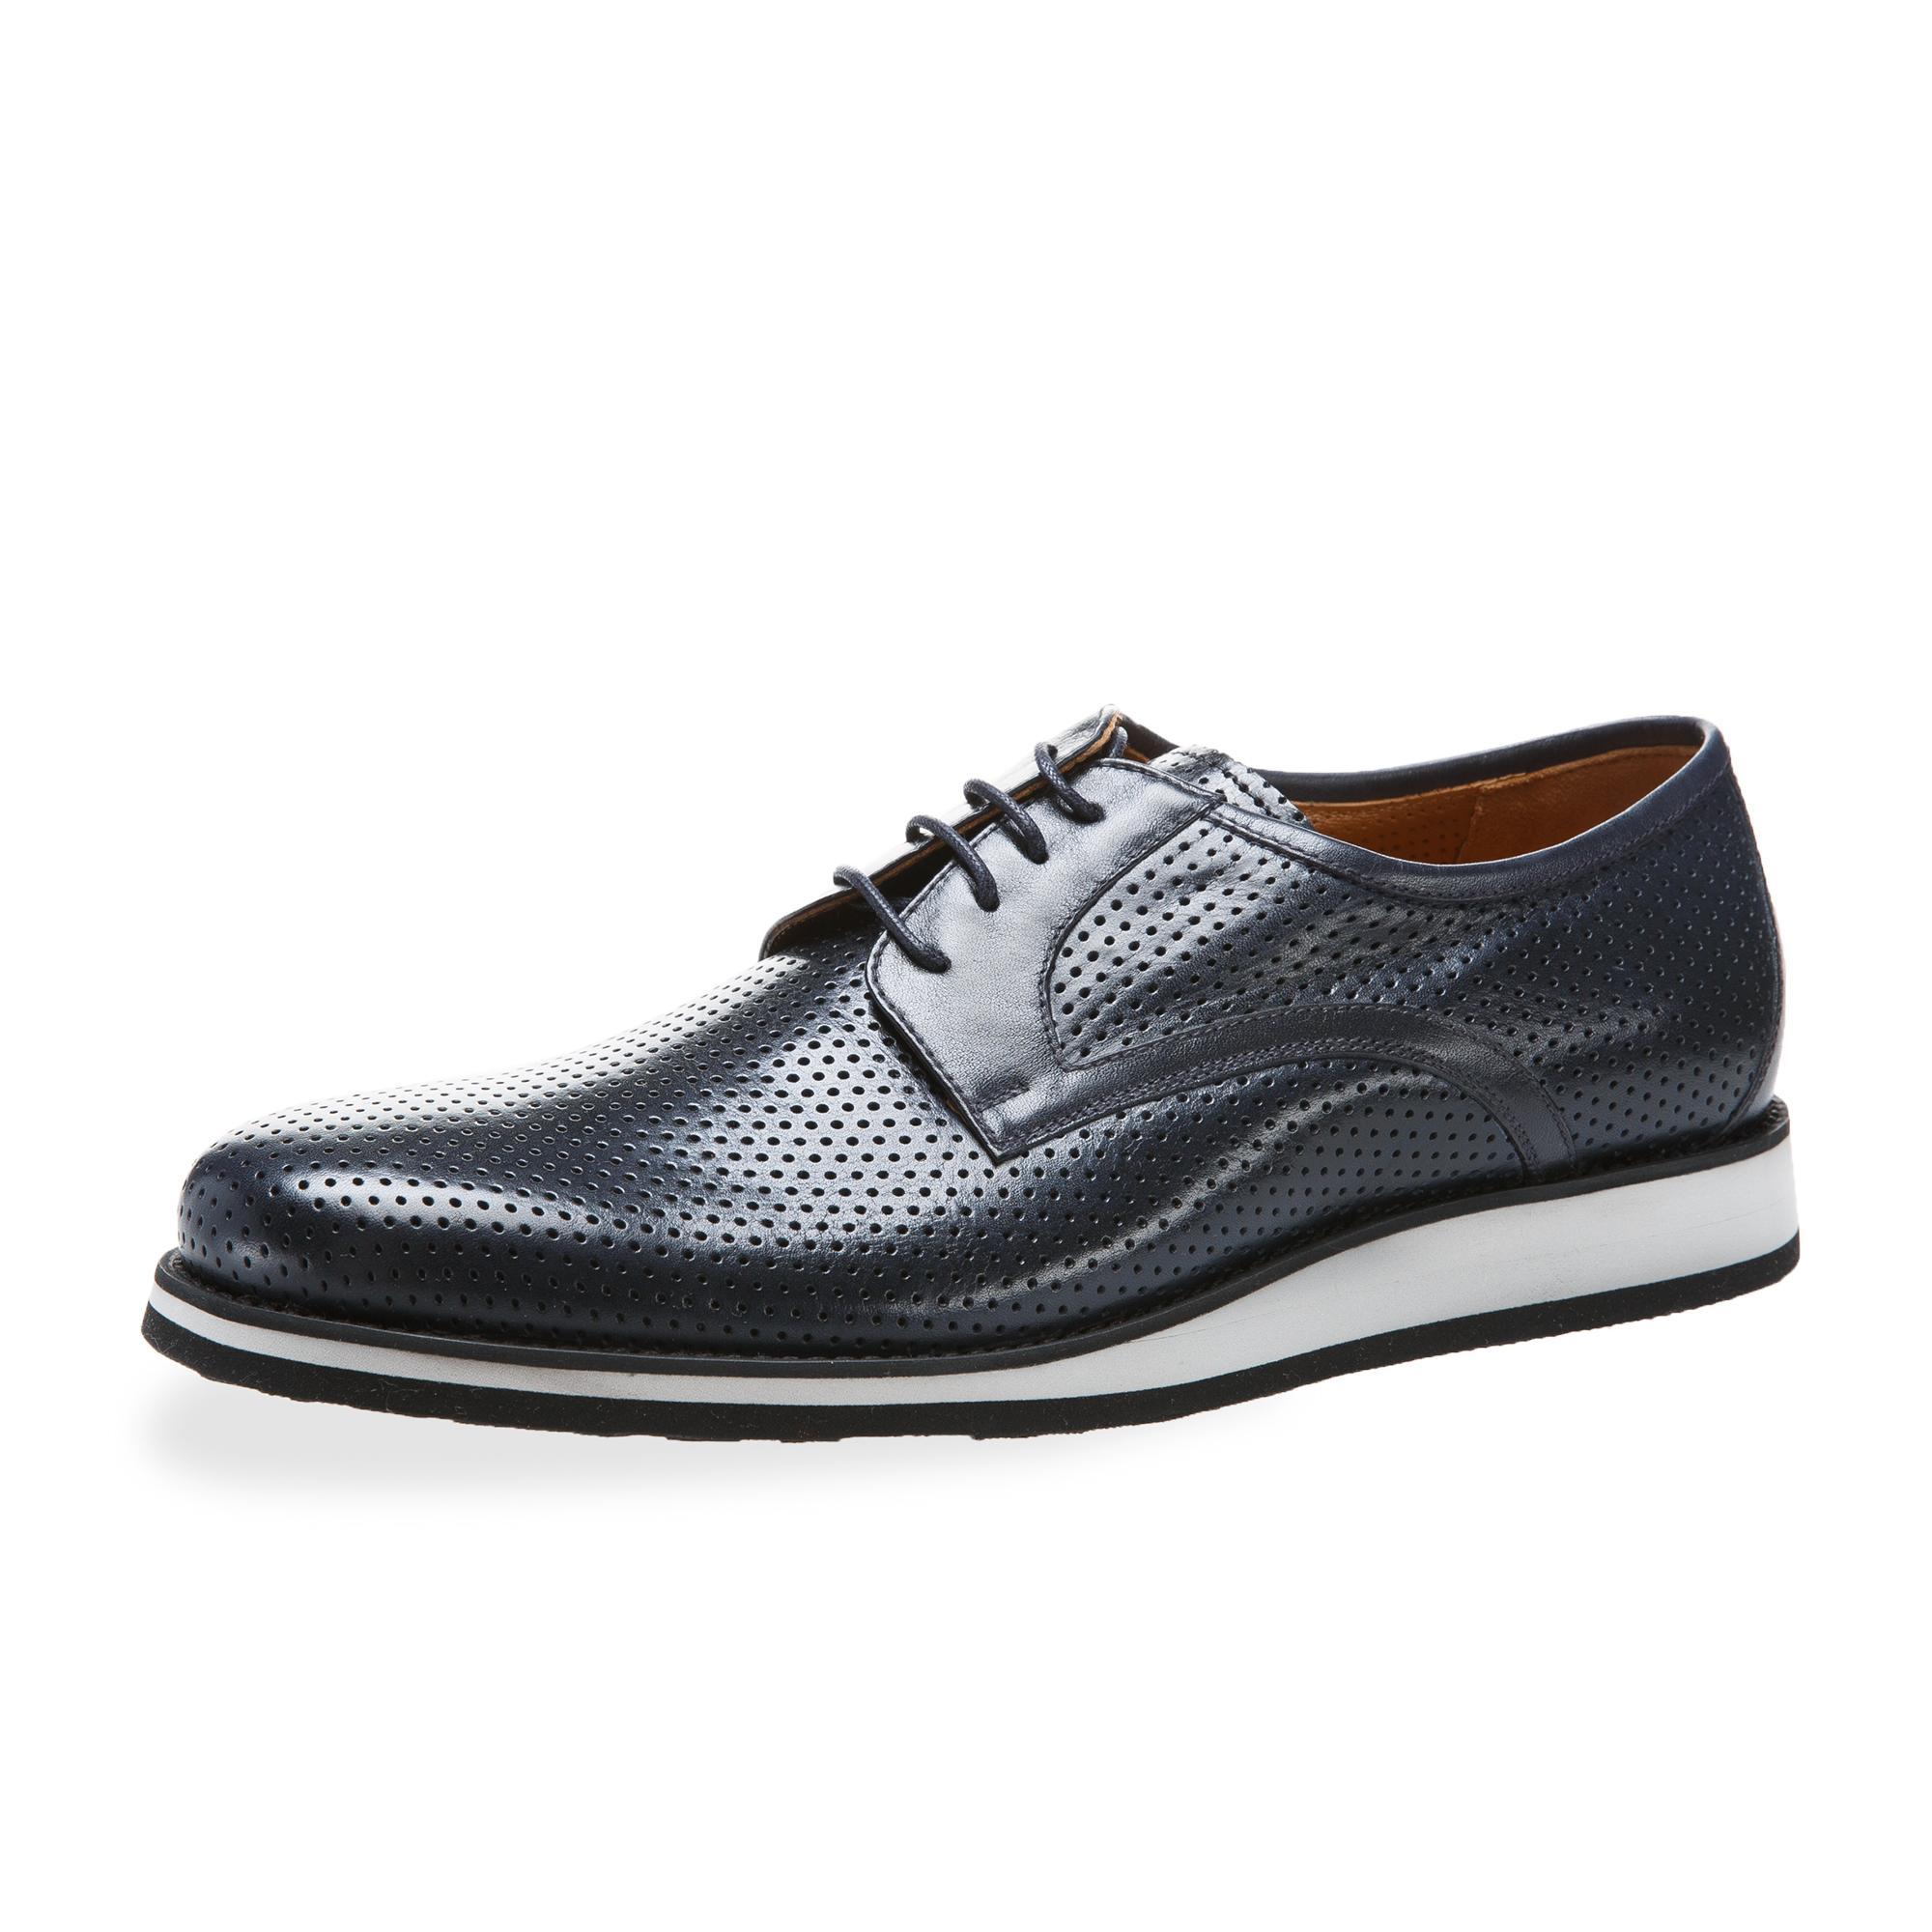 意大利原产germano bellesi镂空男鞋男士皮鞋943 深蓝 39